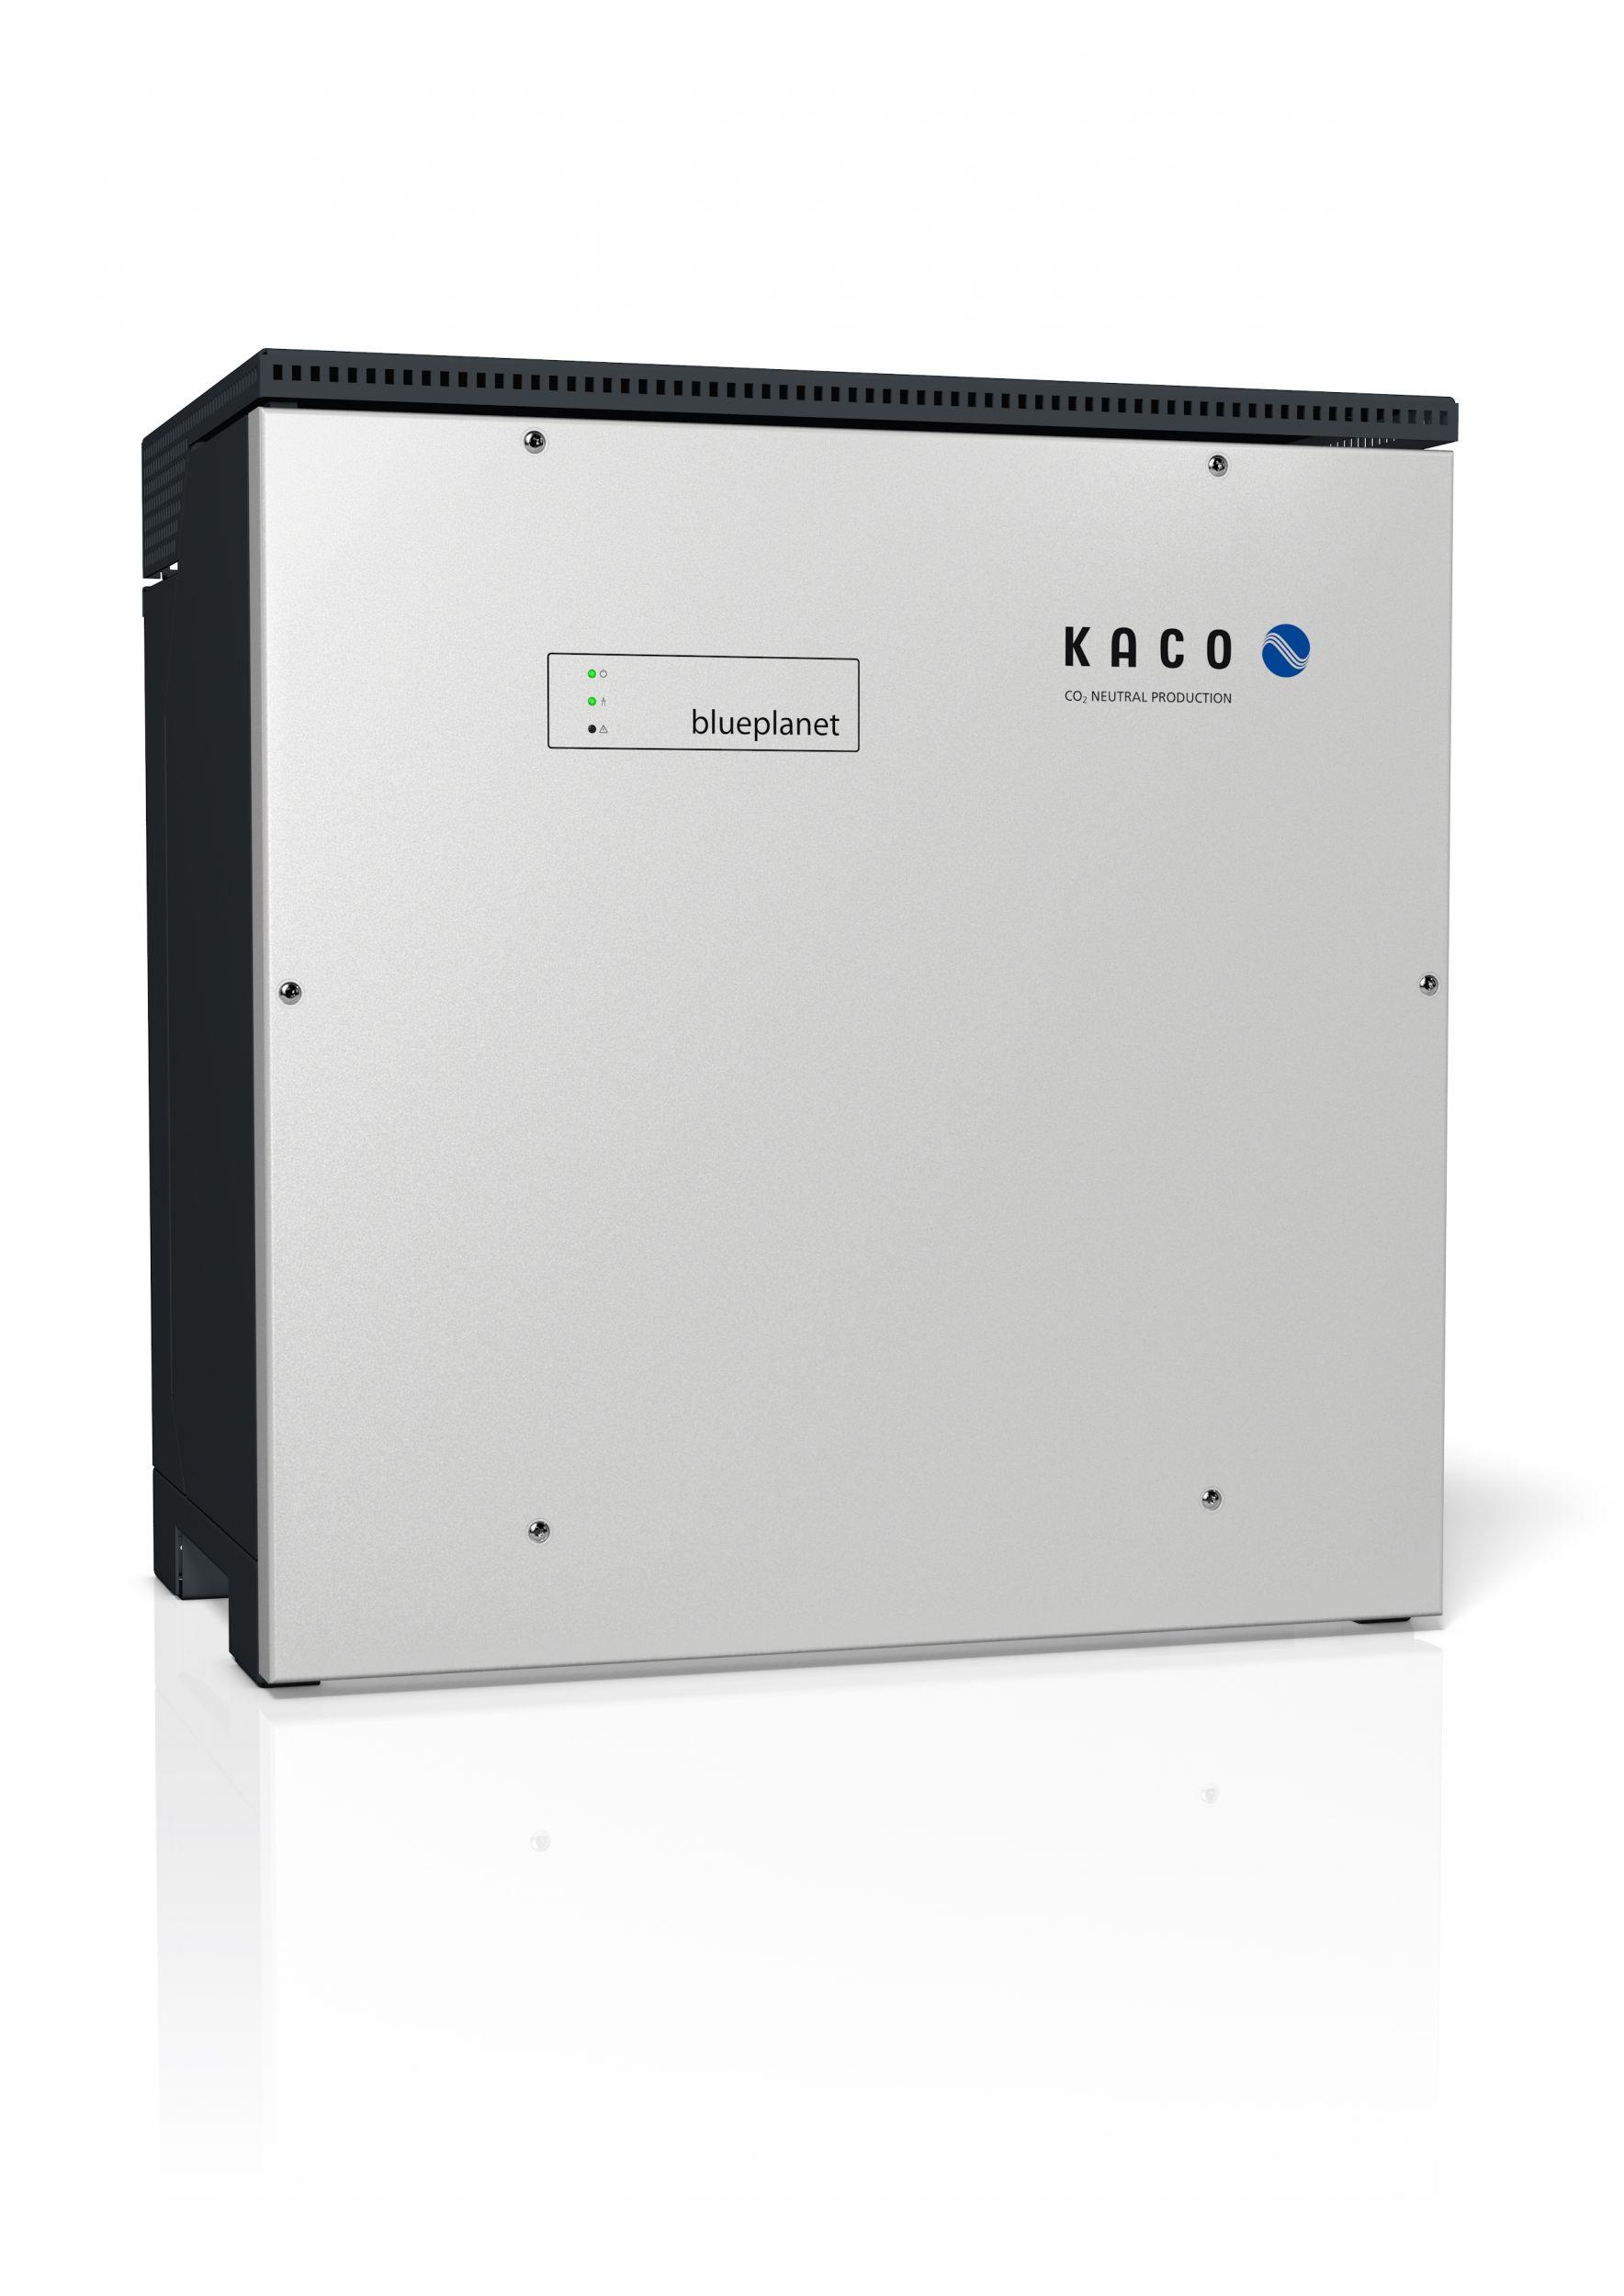 Kaco New Energy zeigt neue Produkte auf der Intersolar